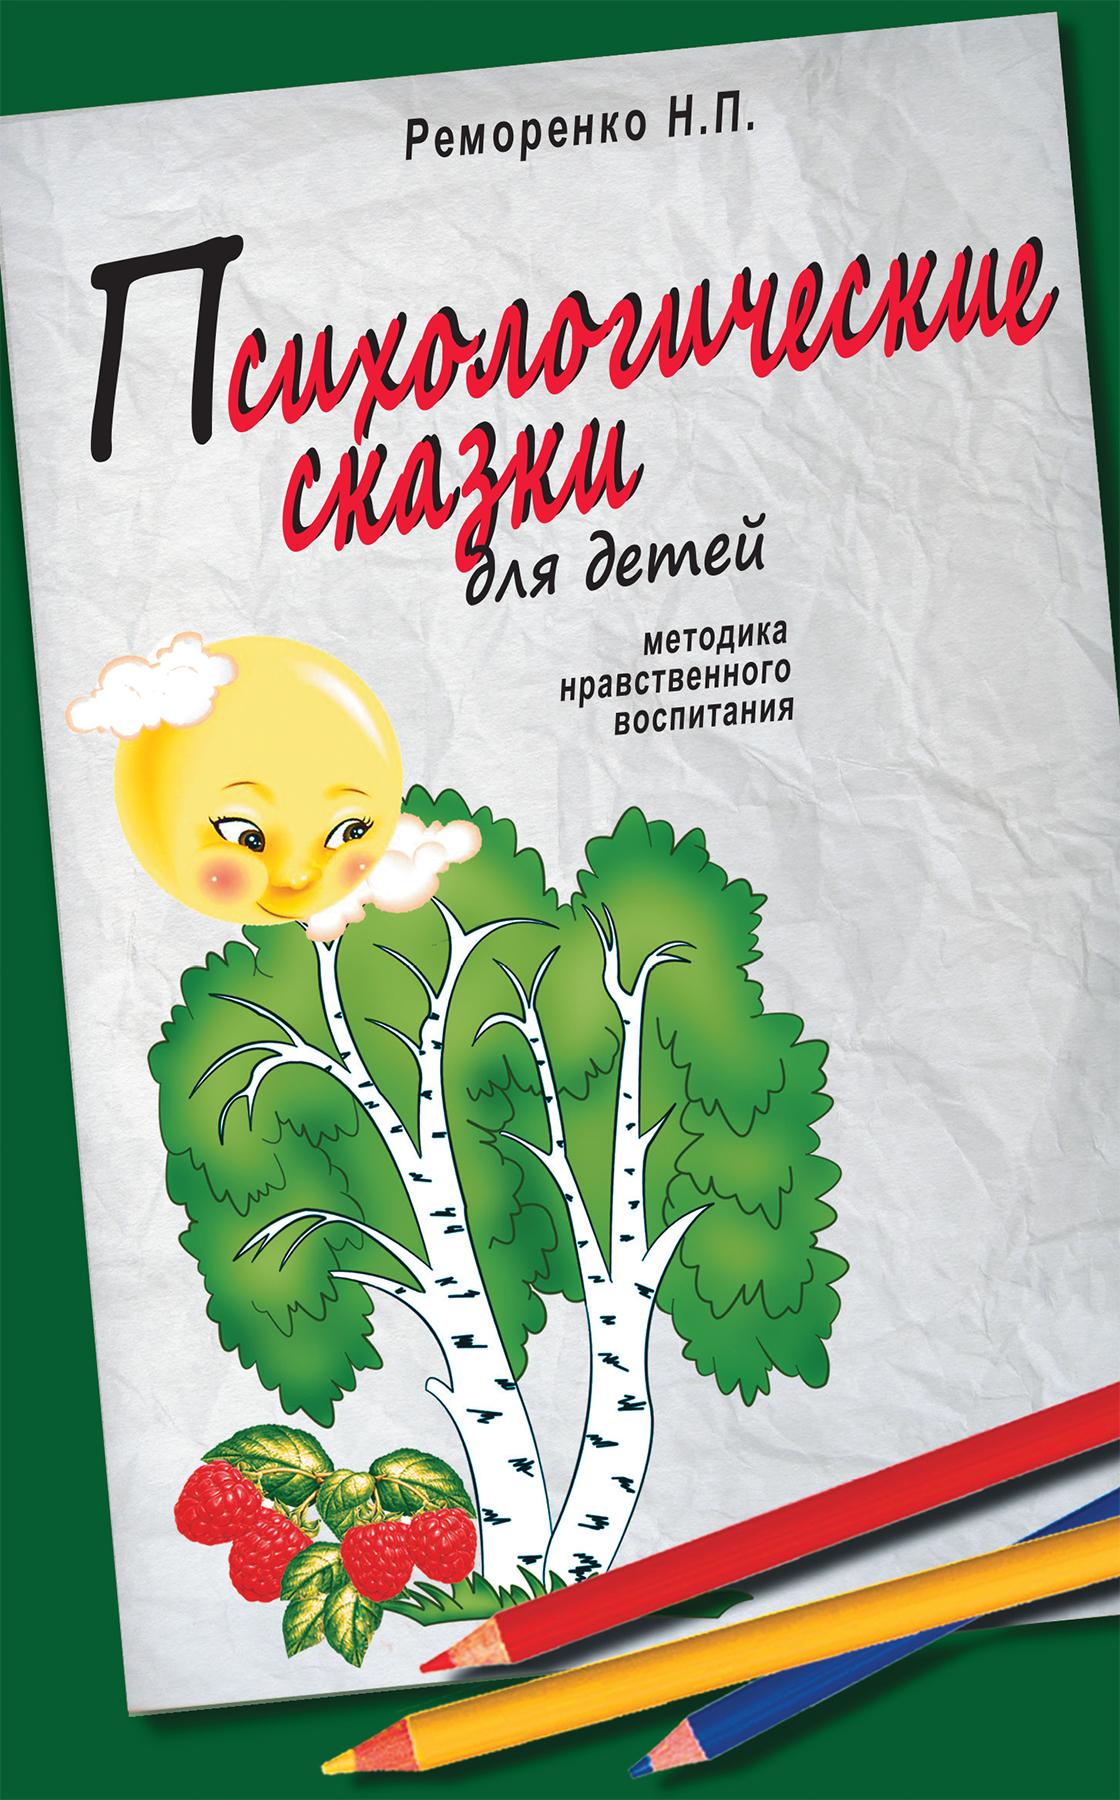 Психологические сказки для детей. 2-е изд. Методика нравственного воспитания